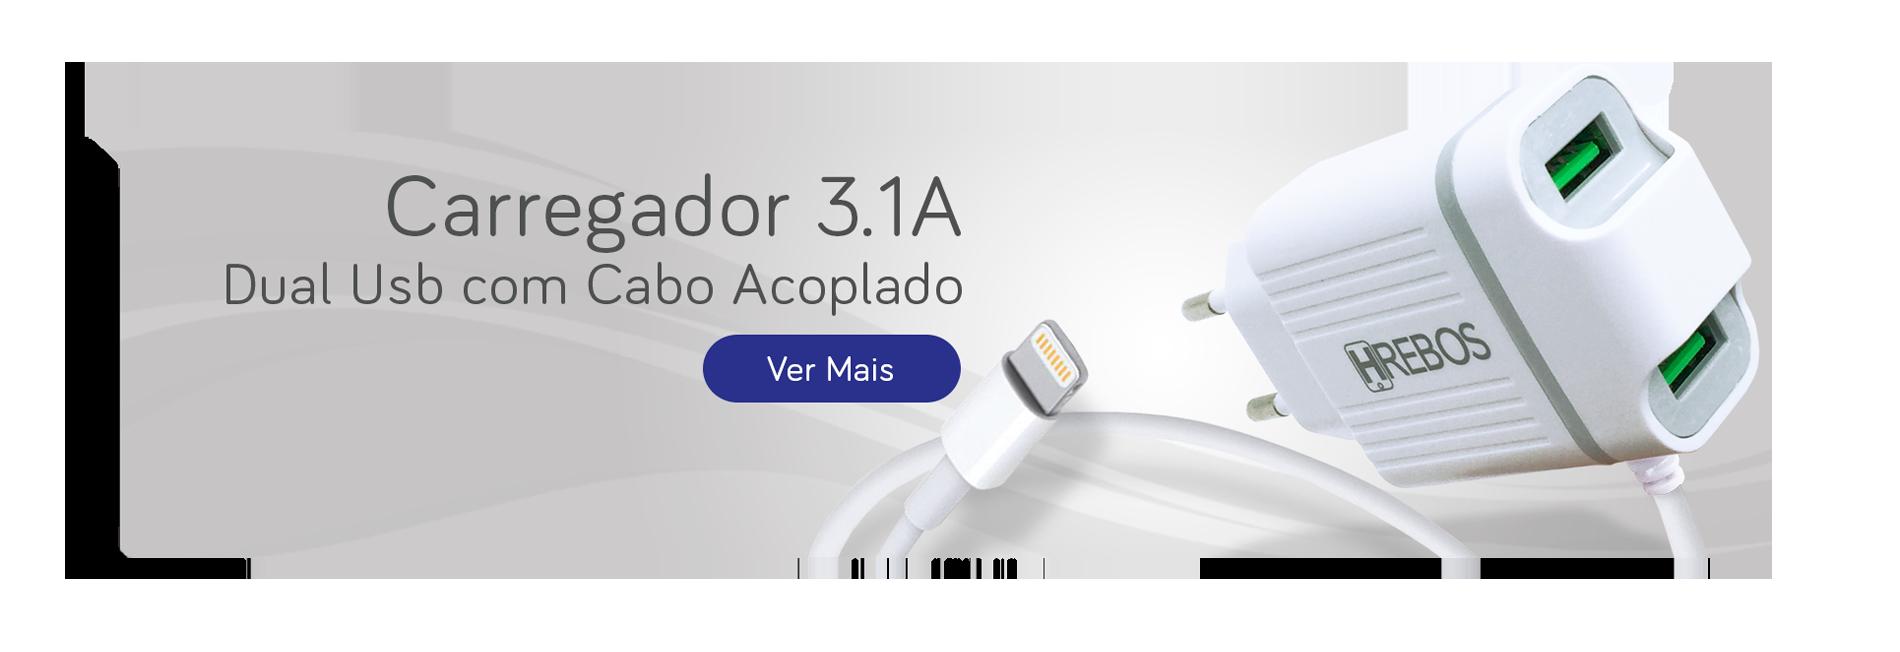 carregador_dual_usb_com_cabo_acoplado